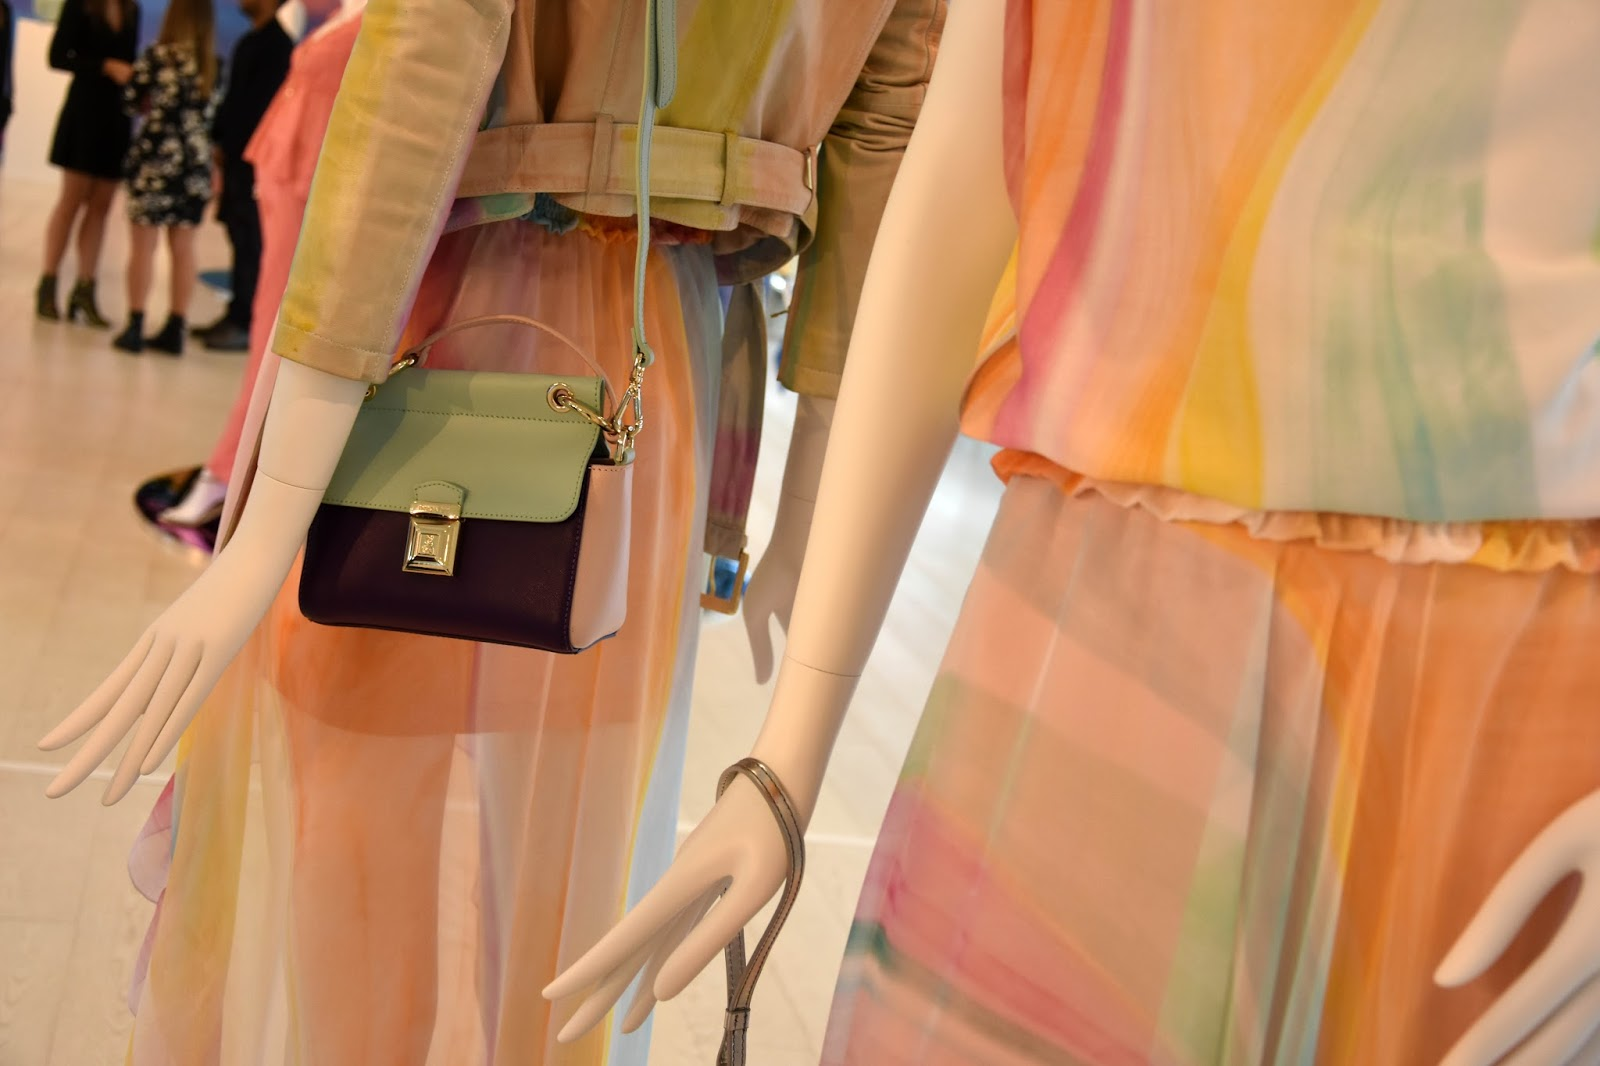 Settimana della moda di Milano  la collezione Patrizia Pepe 2017 ... 2585ceef3f7